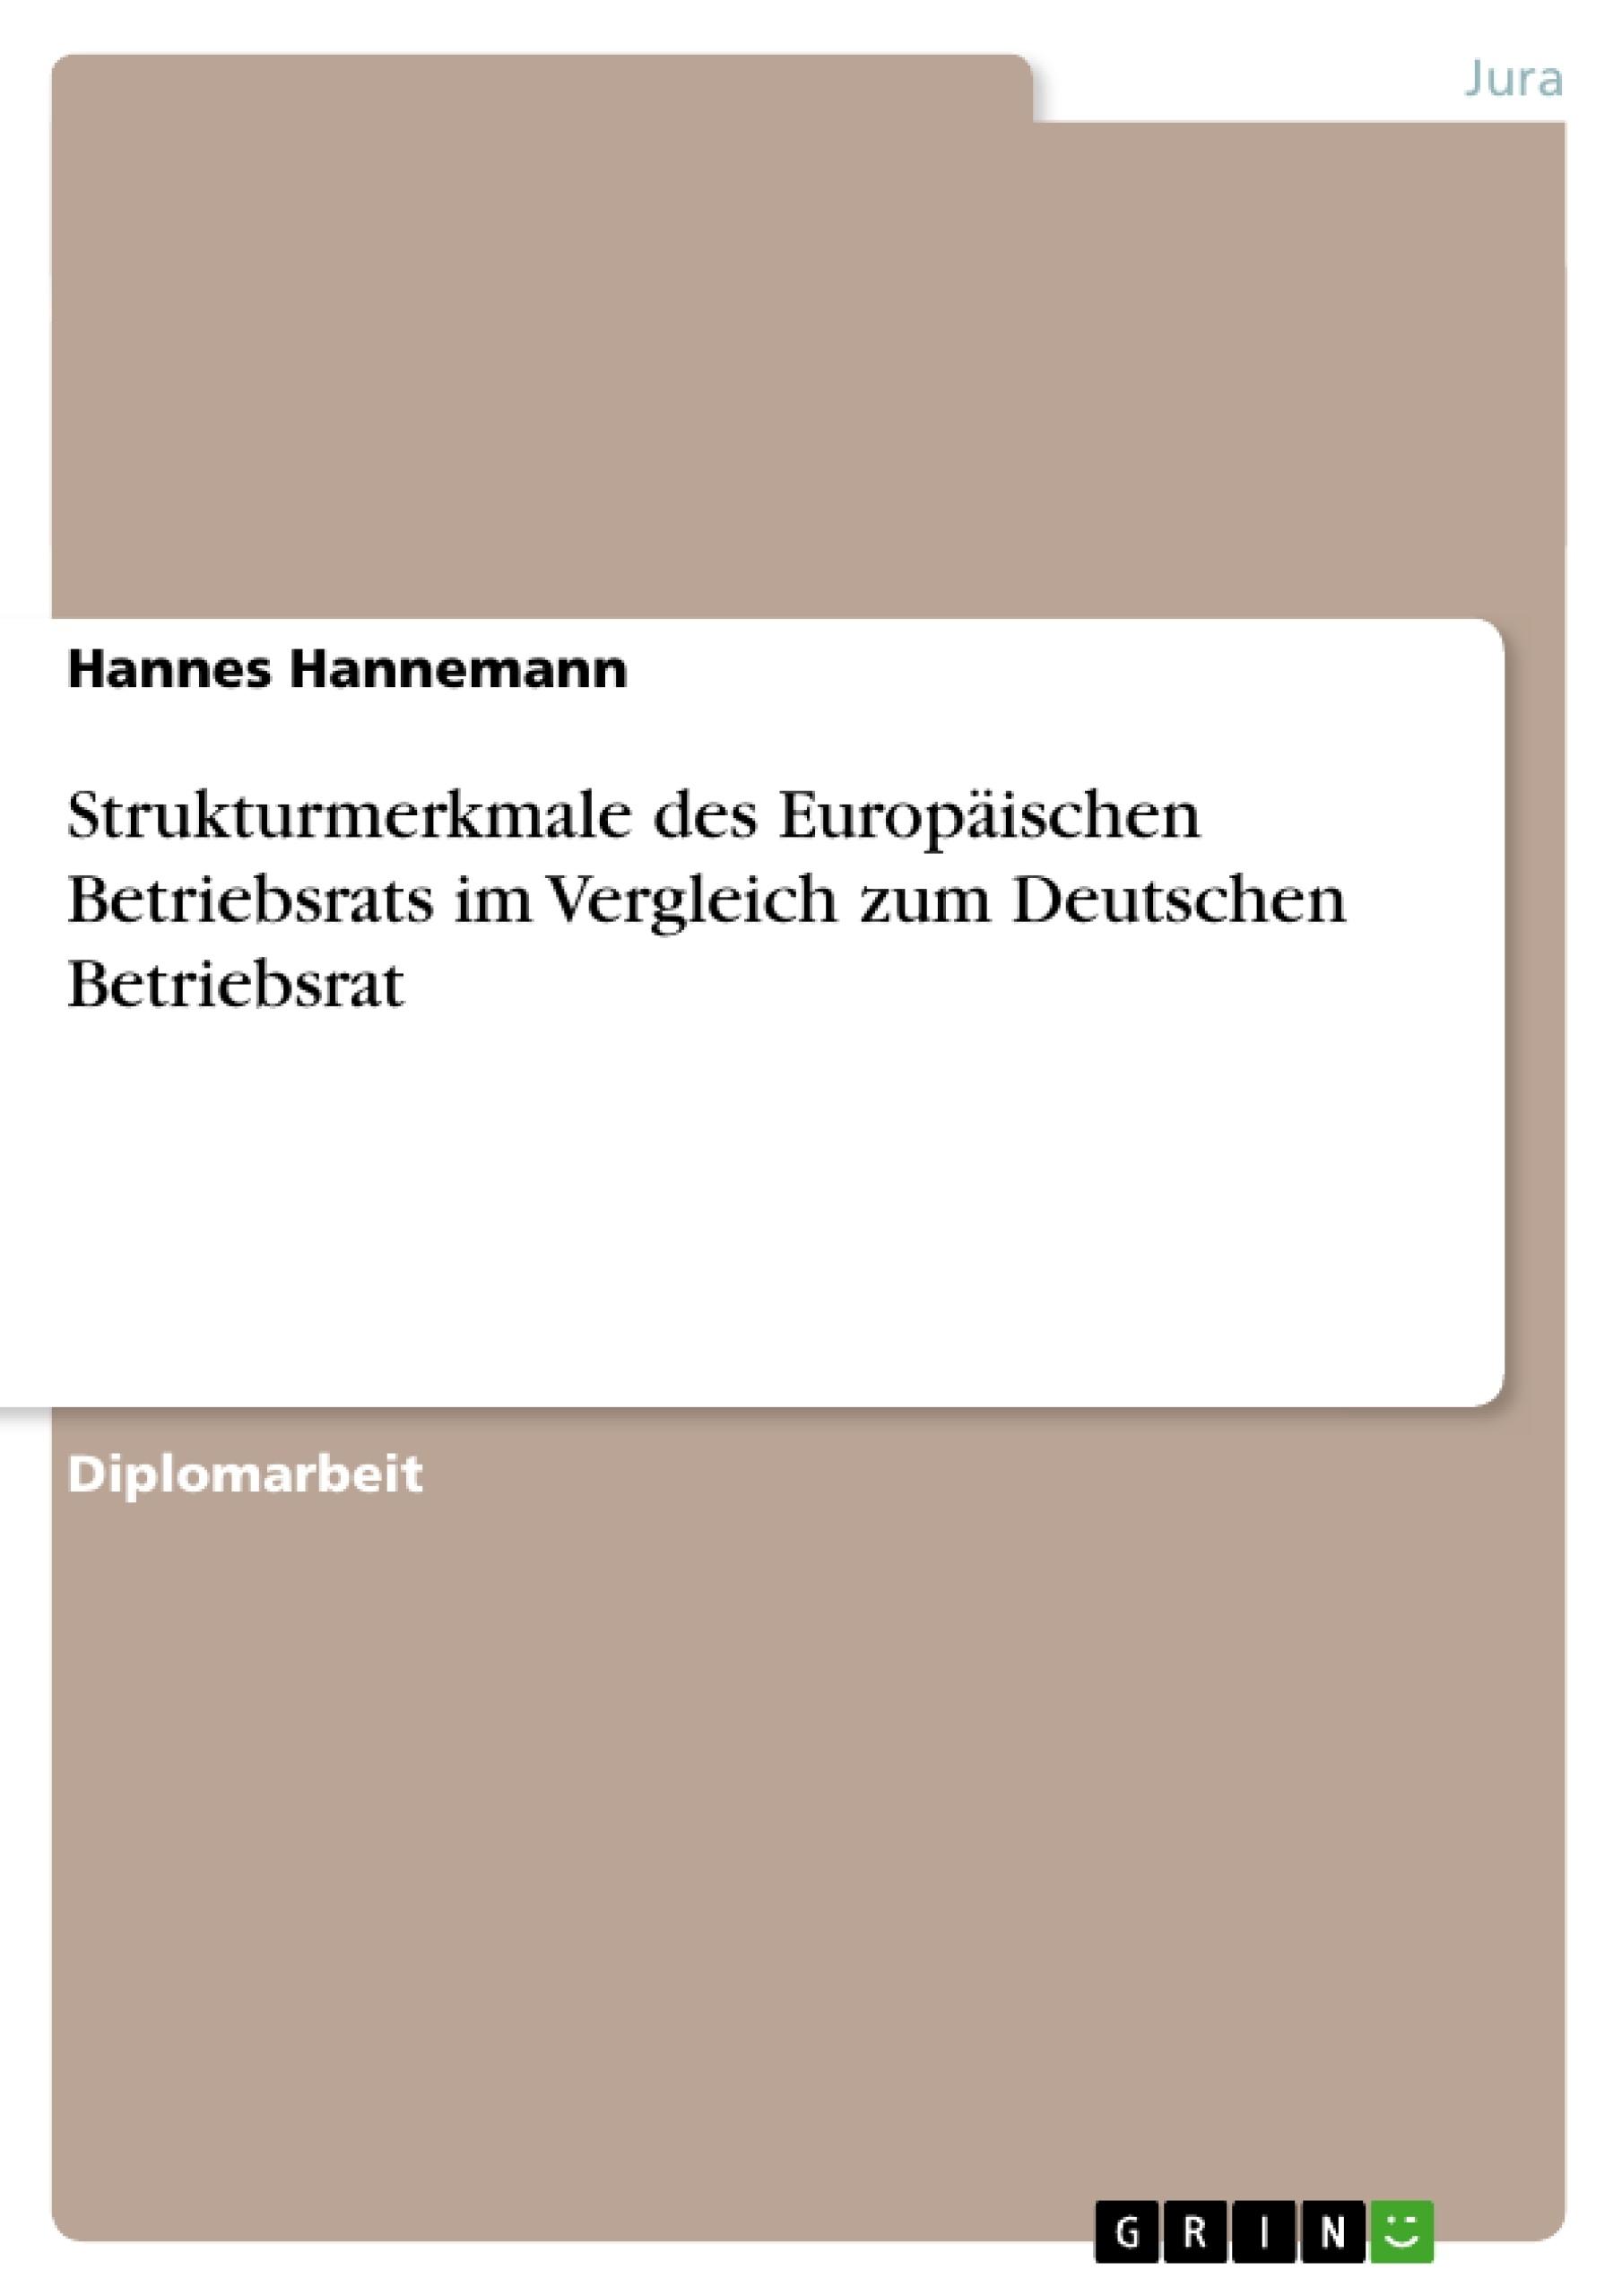 Titel: Strukturmerkmale des Europäischen Betriebsrats im Vergleich zum Deutschen Betriebsrat